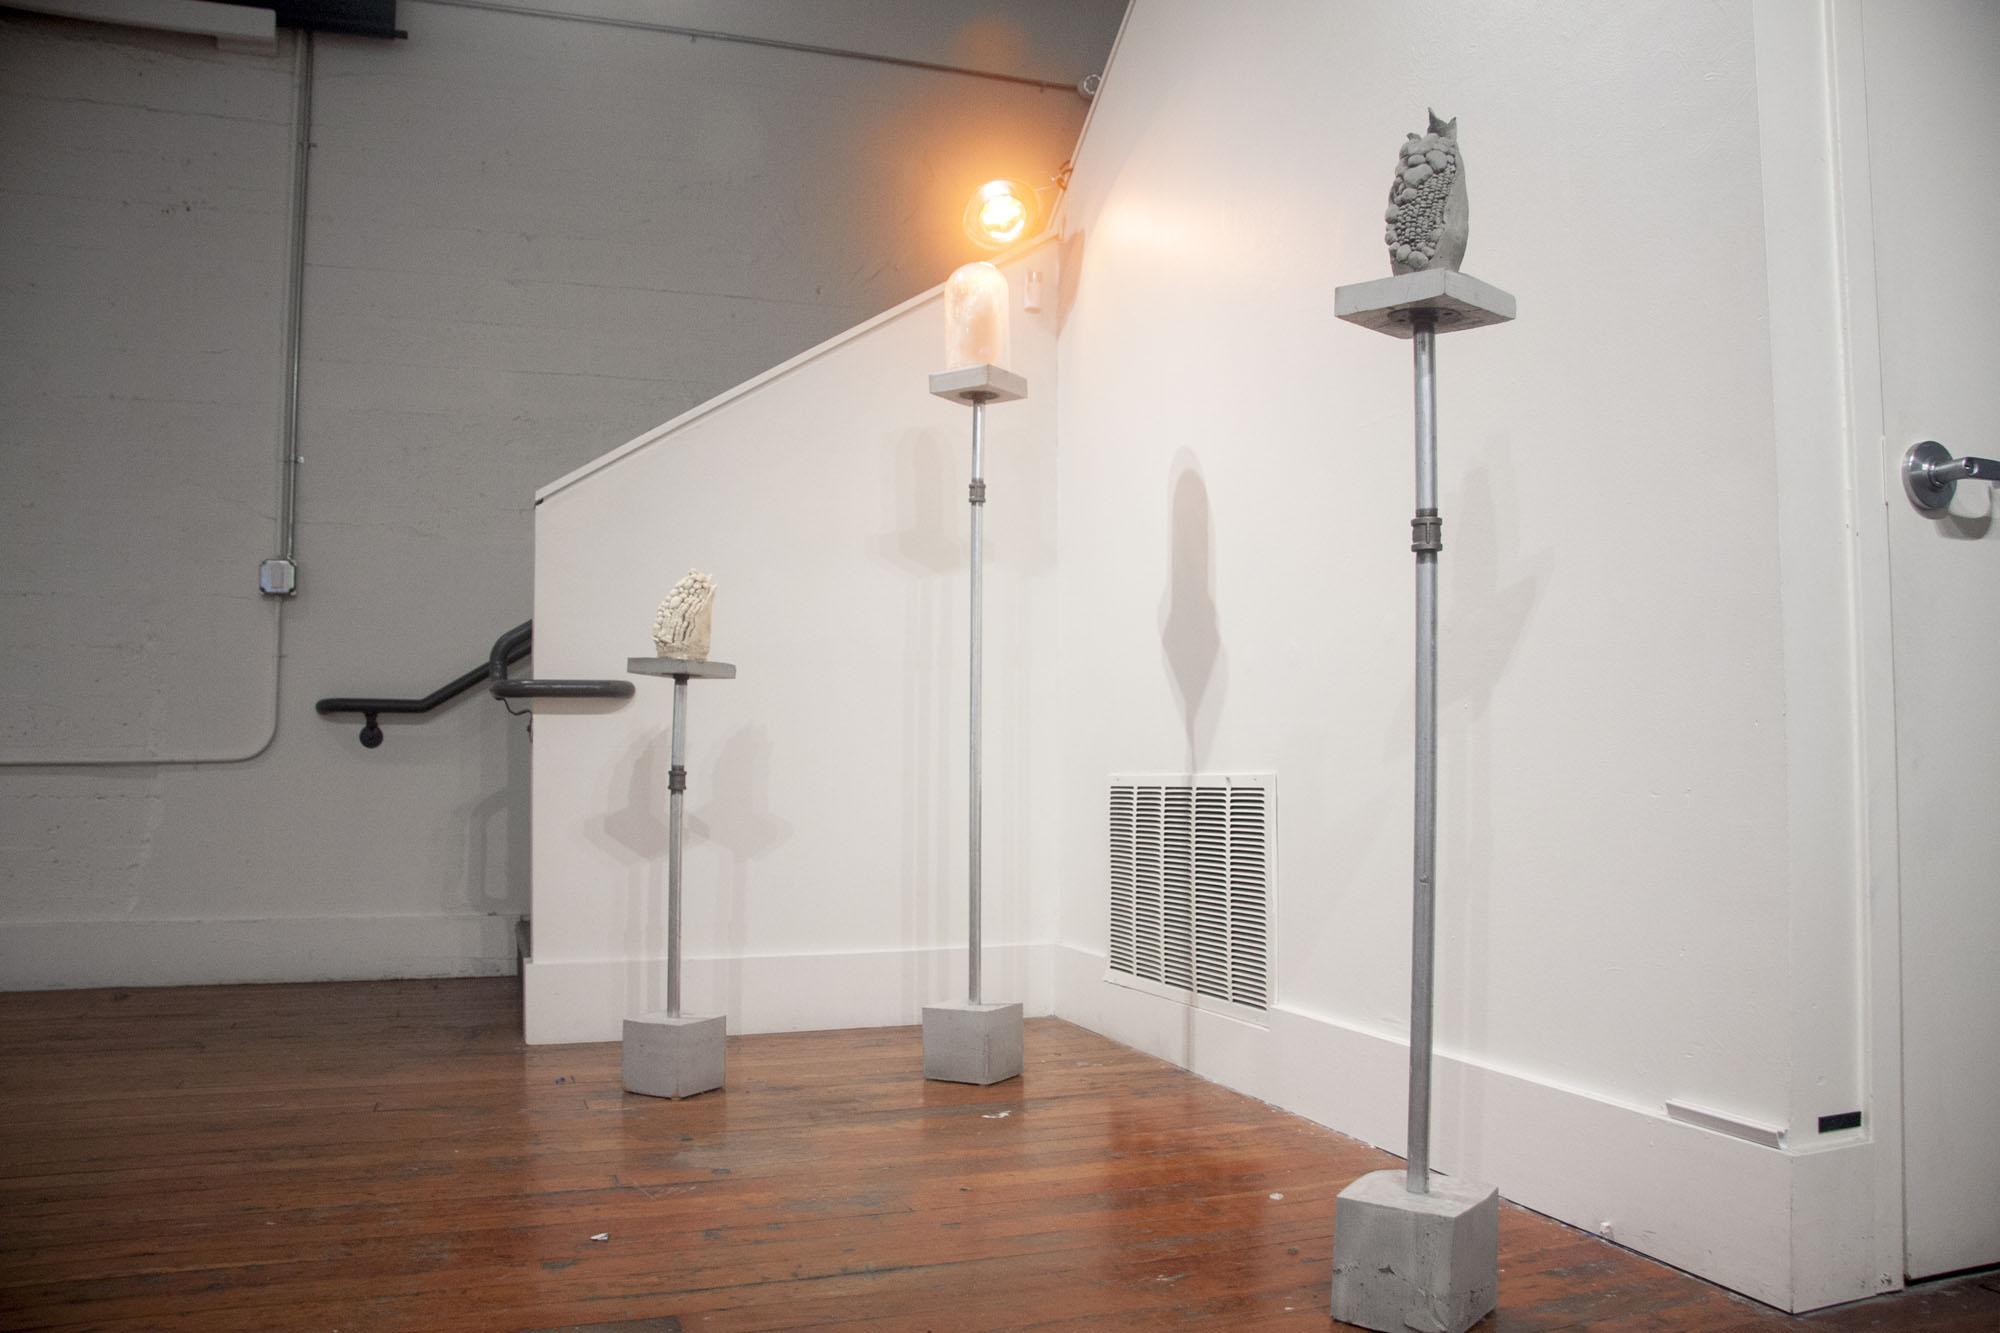 Installation view of Alvaro Azcarraga's Huilocoche series